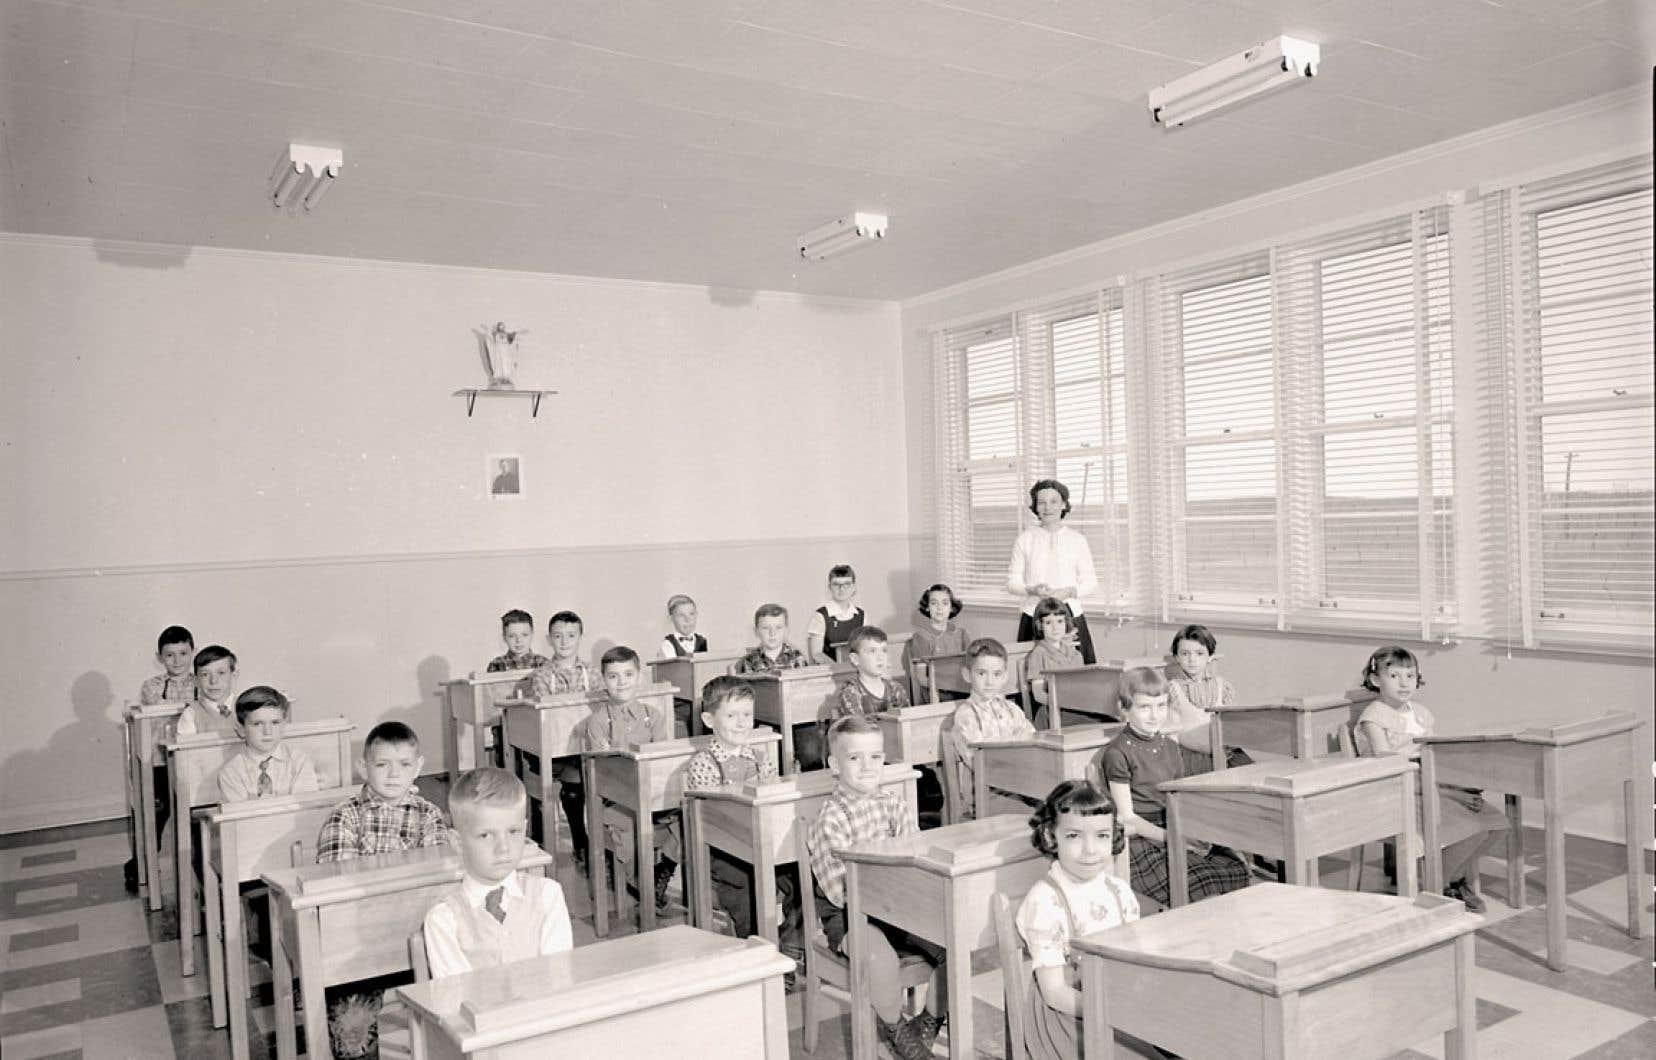 Une école de la région de Lanaudière, dans les années 1950. Bibliothèque et Archives nationales du Québec, Centre d'archives de Montréal, série Office du film du Québec.